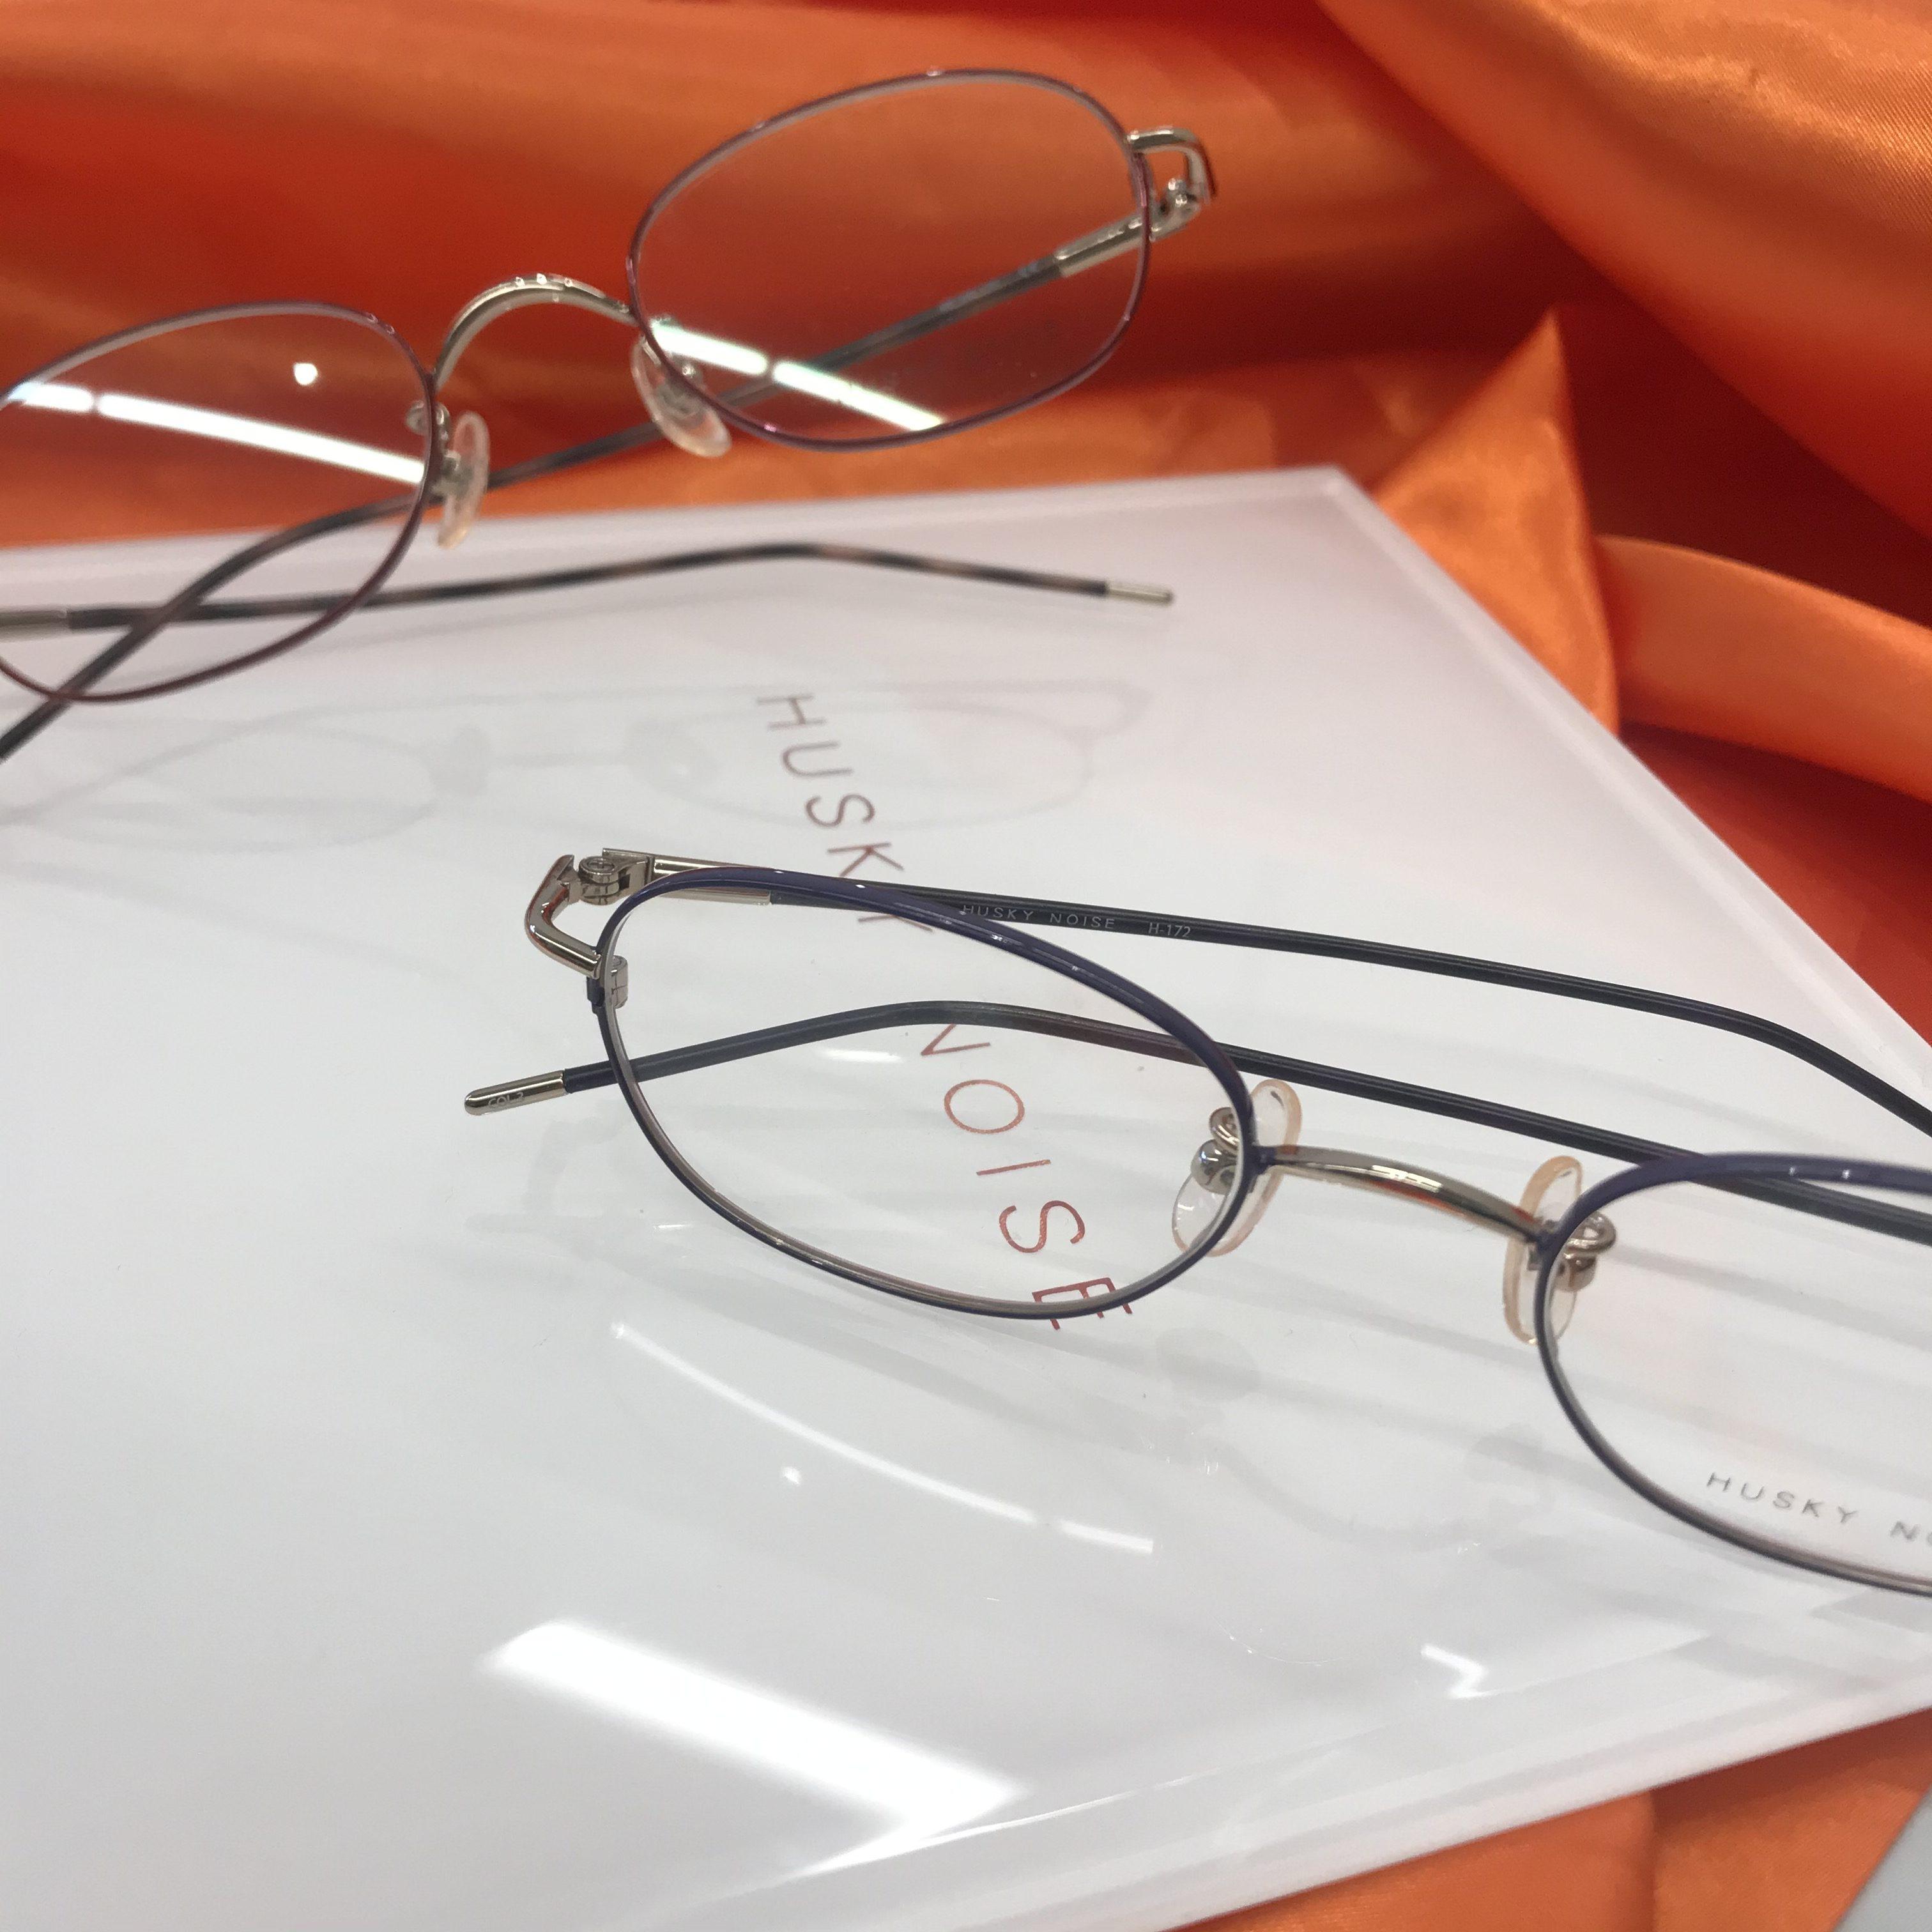 読書の秋がやってきました!手元用眼鏡のご準備はOKですか?【ルックワン英賀保店】